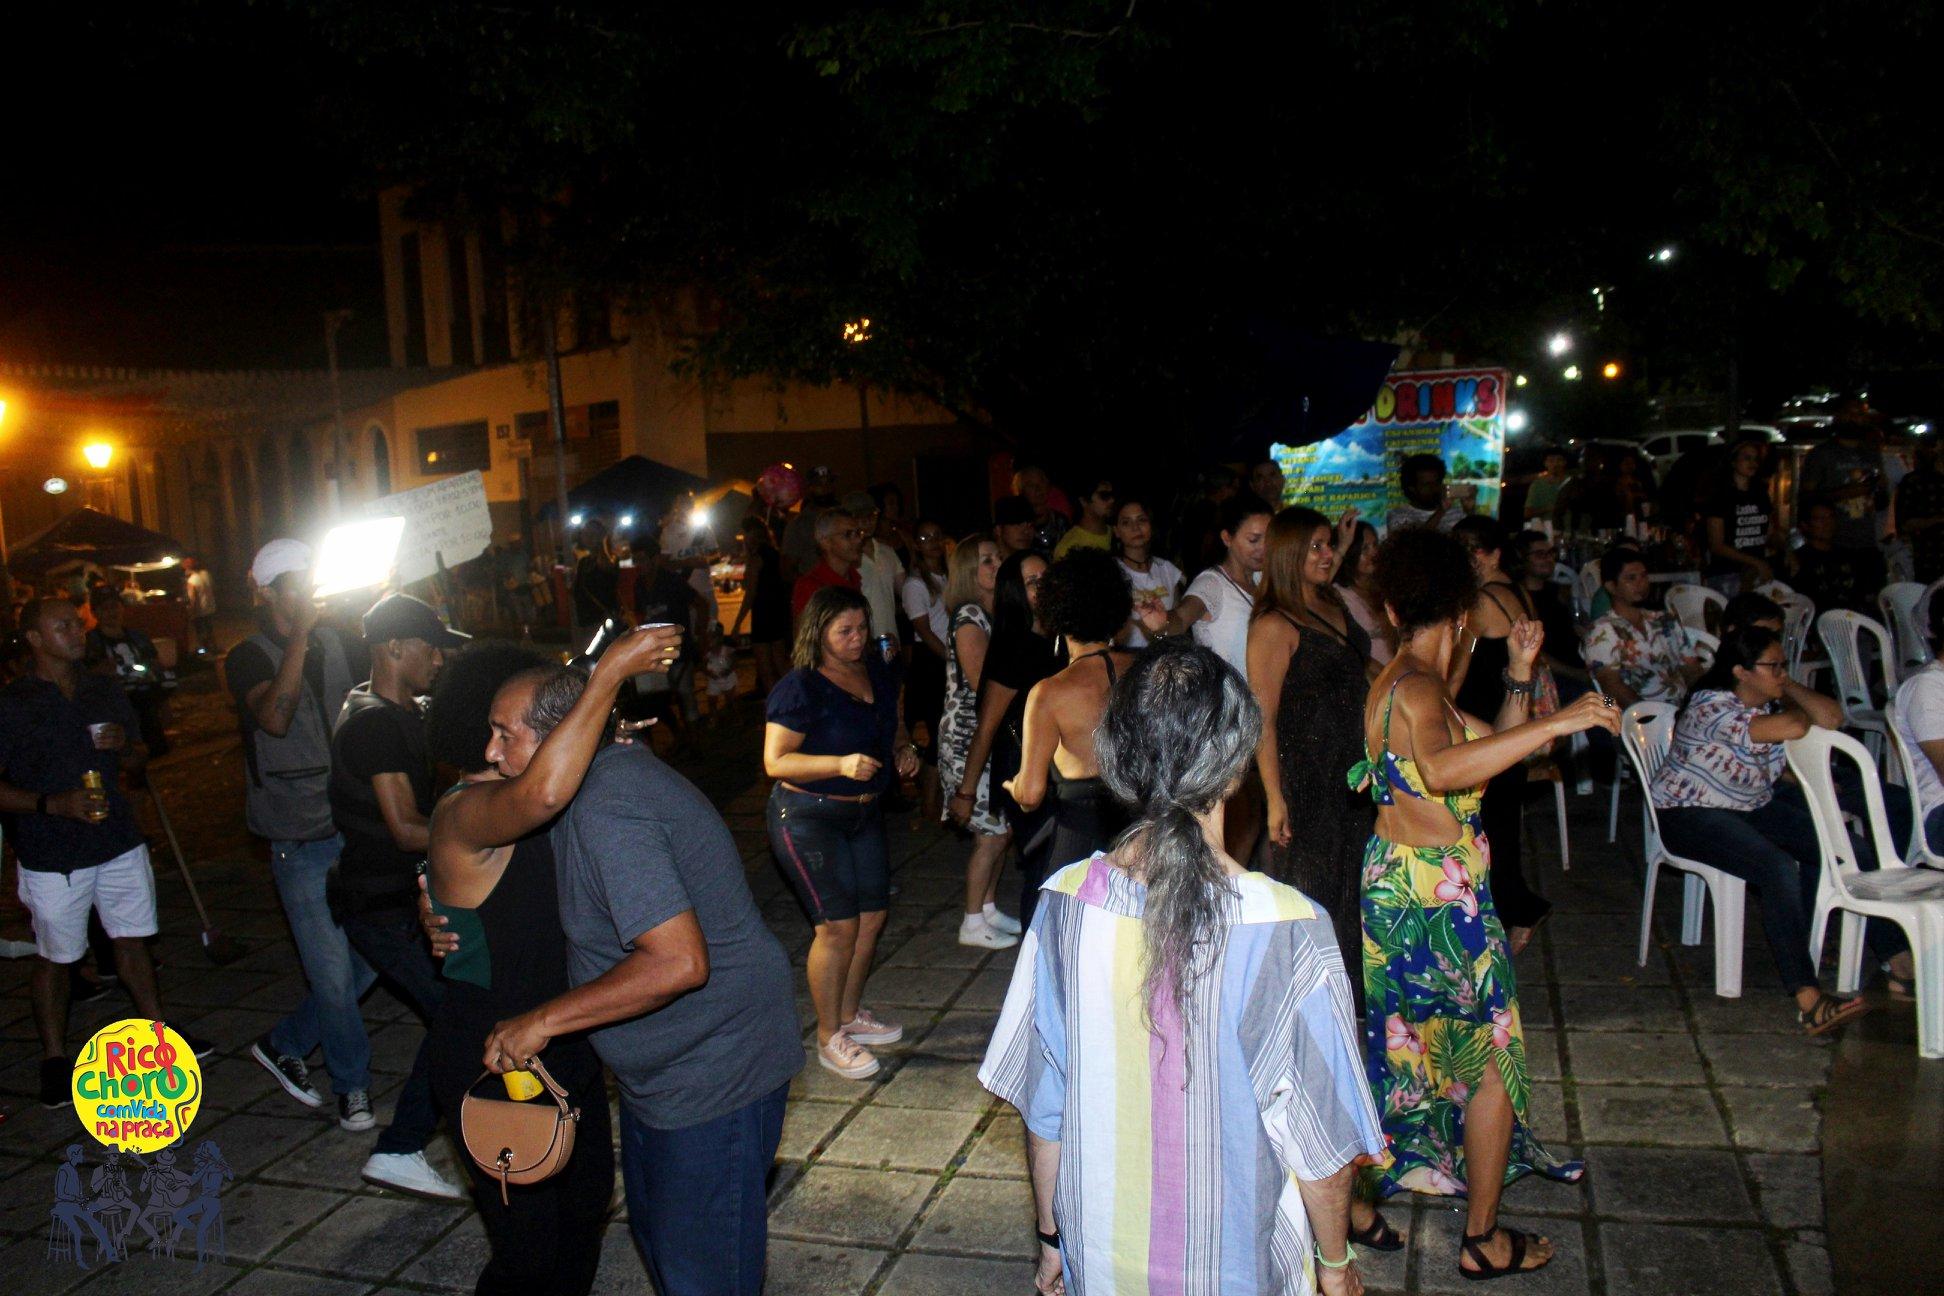 O público do projeto, cada vez maior a cada edição, interagiu com os artistas na estreia que aconteceu na Praça da Fé.